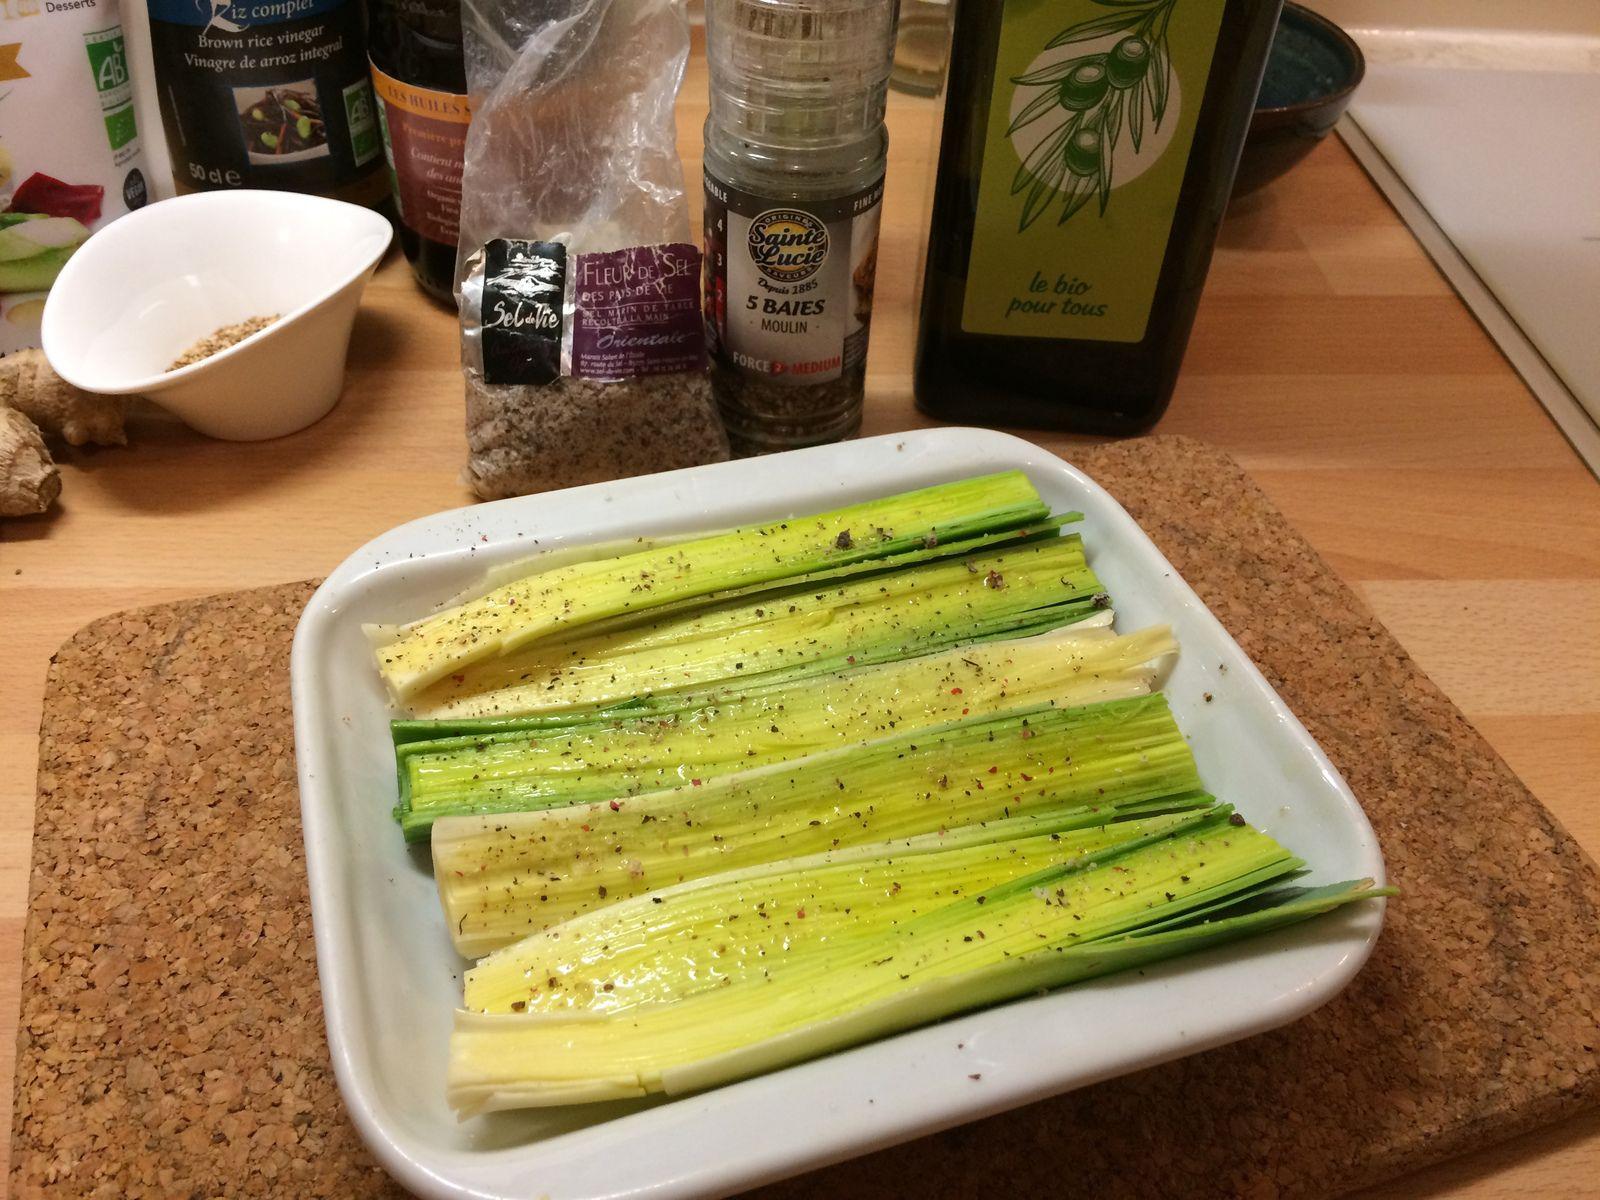 On fend en deux les blancs lavés et séchés, et on badigeonne de 2 à 3 cuillères à café d'huile d'olive avec le dos d'une petite cuillère. L'huile va pénétrer entre les couches. J'en ai mis moins que dans la recette, et j'en ai remis en milieu de cuisson. Puis on sale et on poivre. On enfourne tel quel, sans couvrir. J'ai mis 30 mn à 160°C (contre 20 mn à 180°C dans la recette), en remettant de l'huile d'olive au bout de 15 mn.